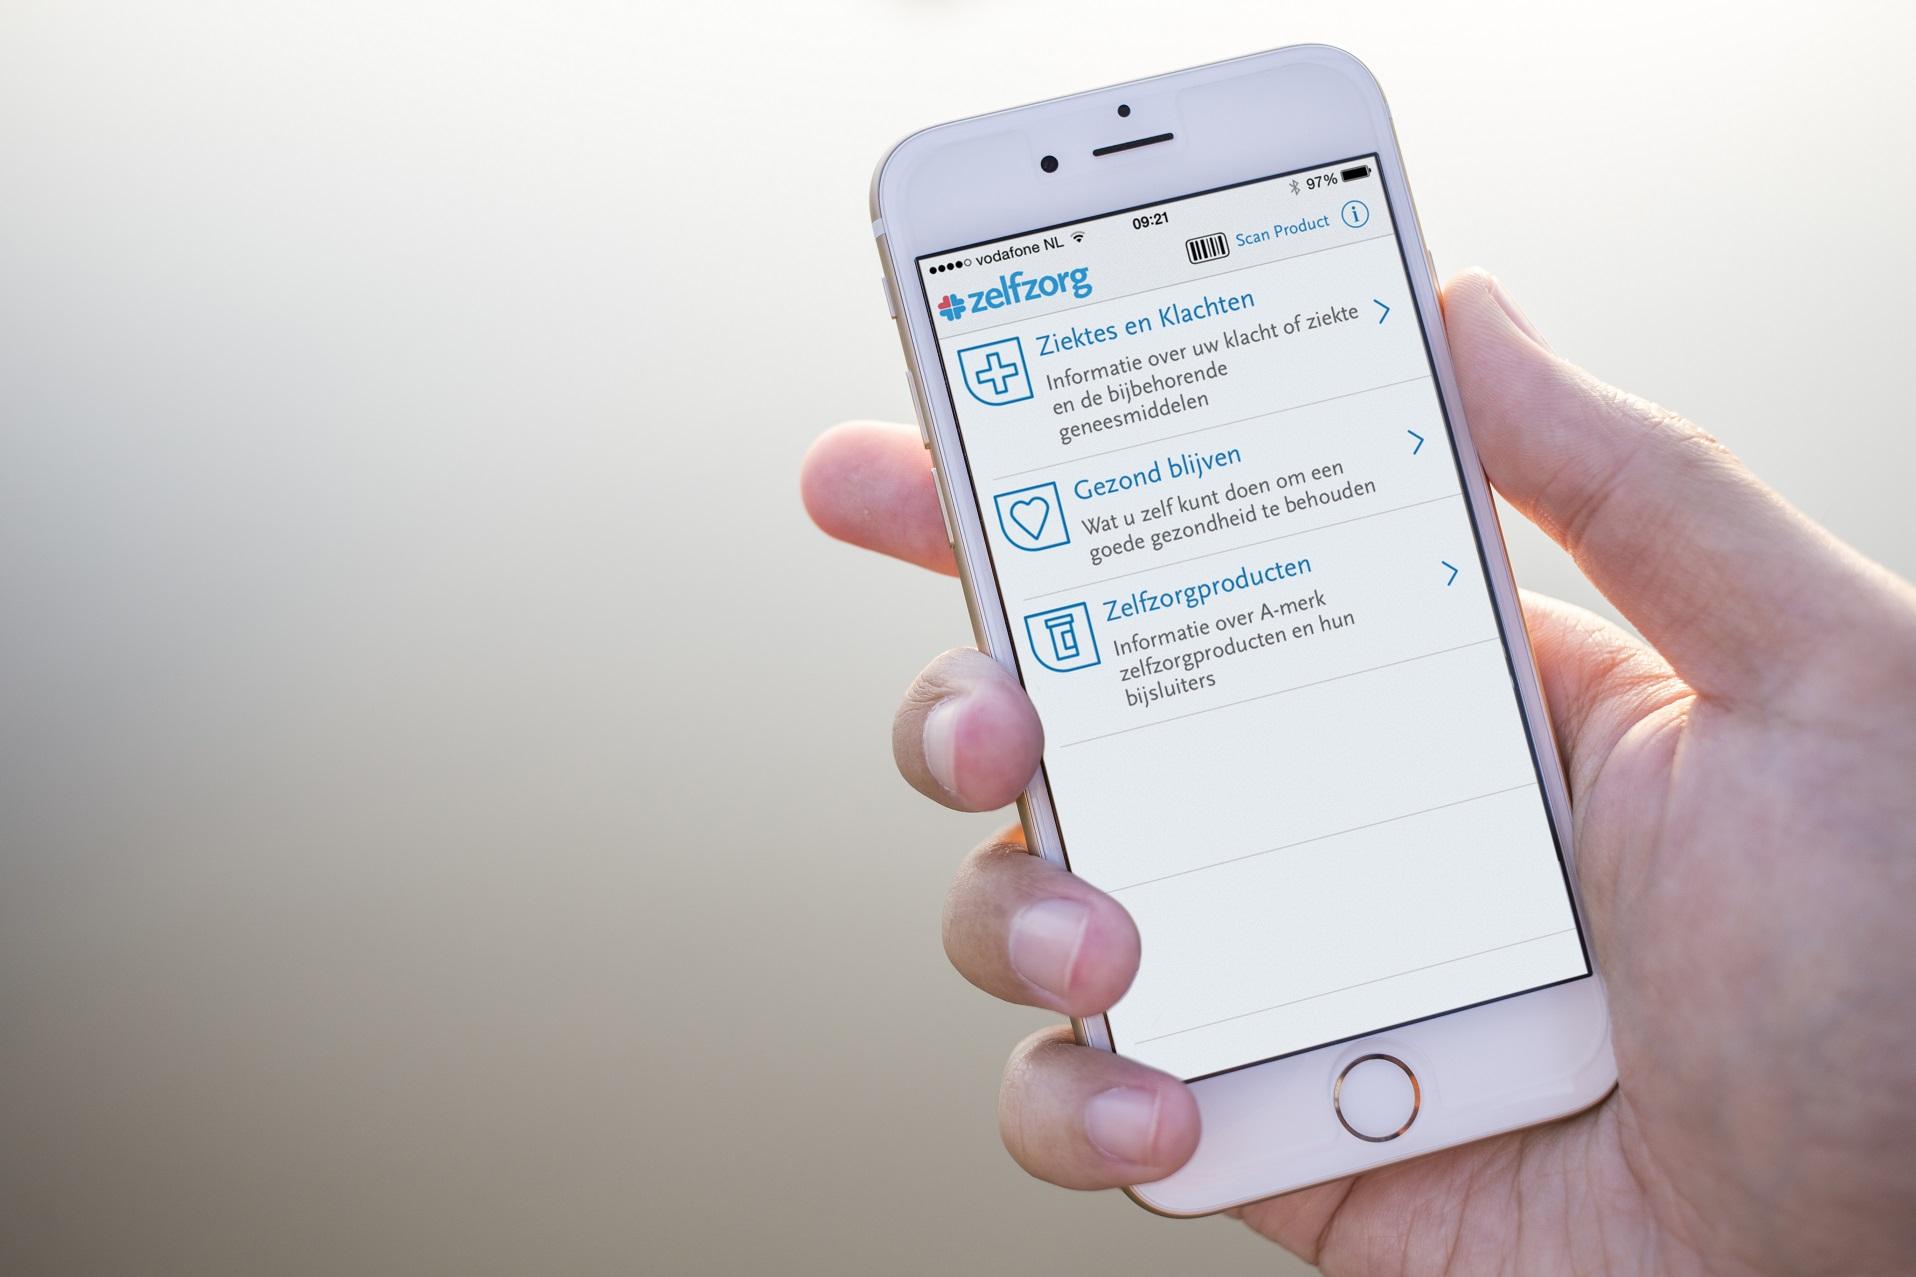 Zelfzorg app iPhone 6